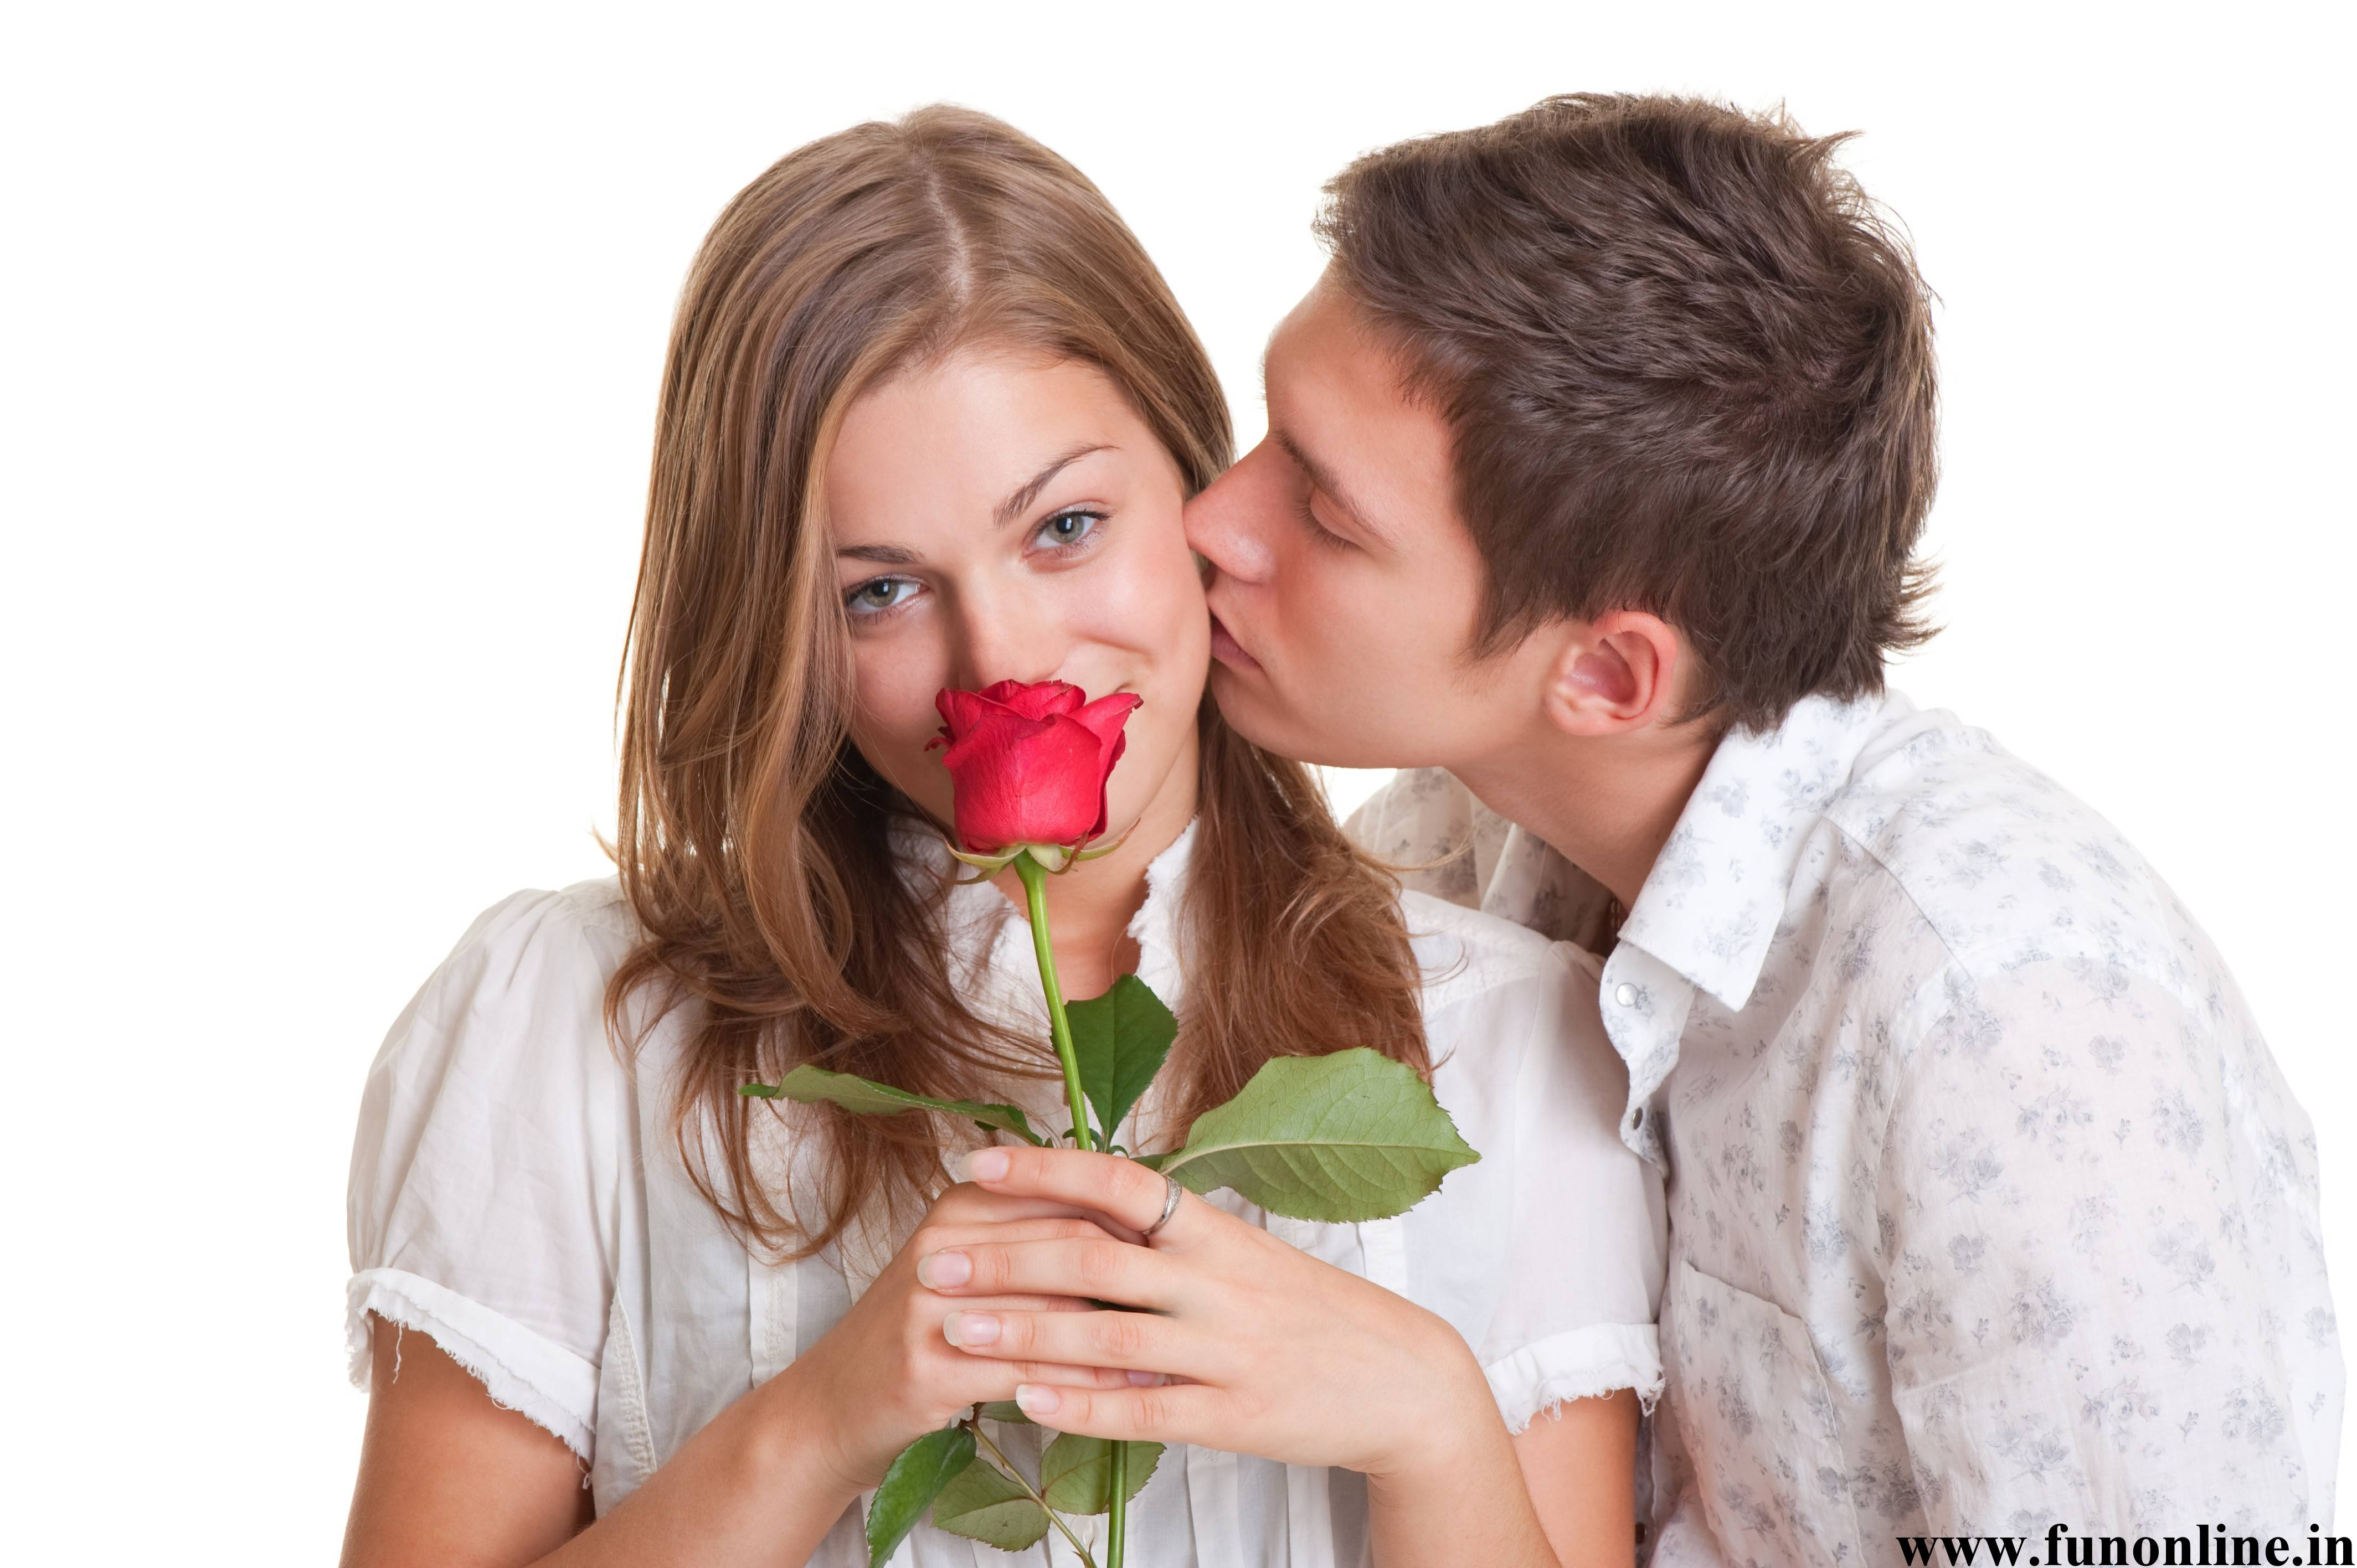 Сексуальные комплименты для девушки 27 фотография